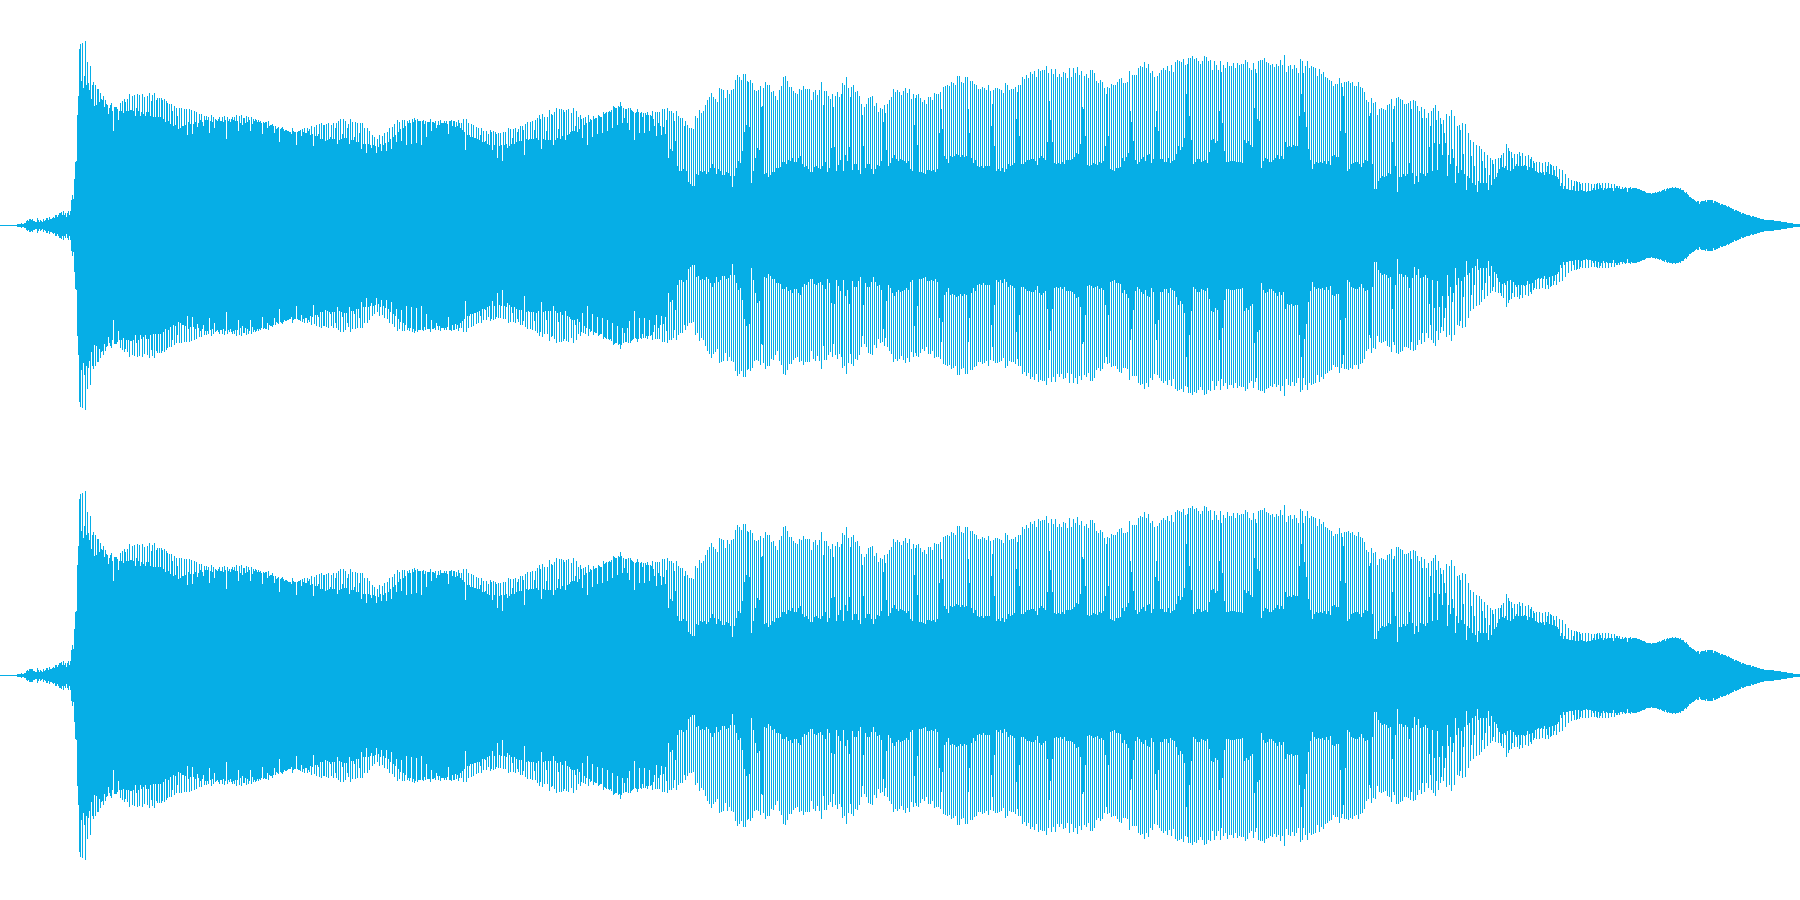 こぶし04(B)の再生済みの波形